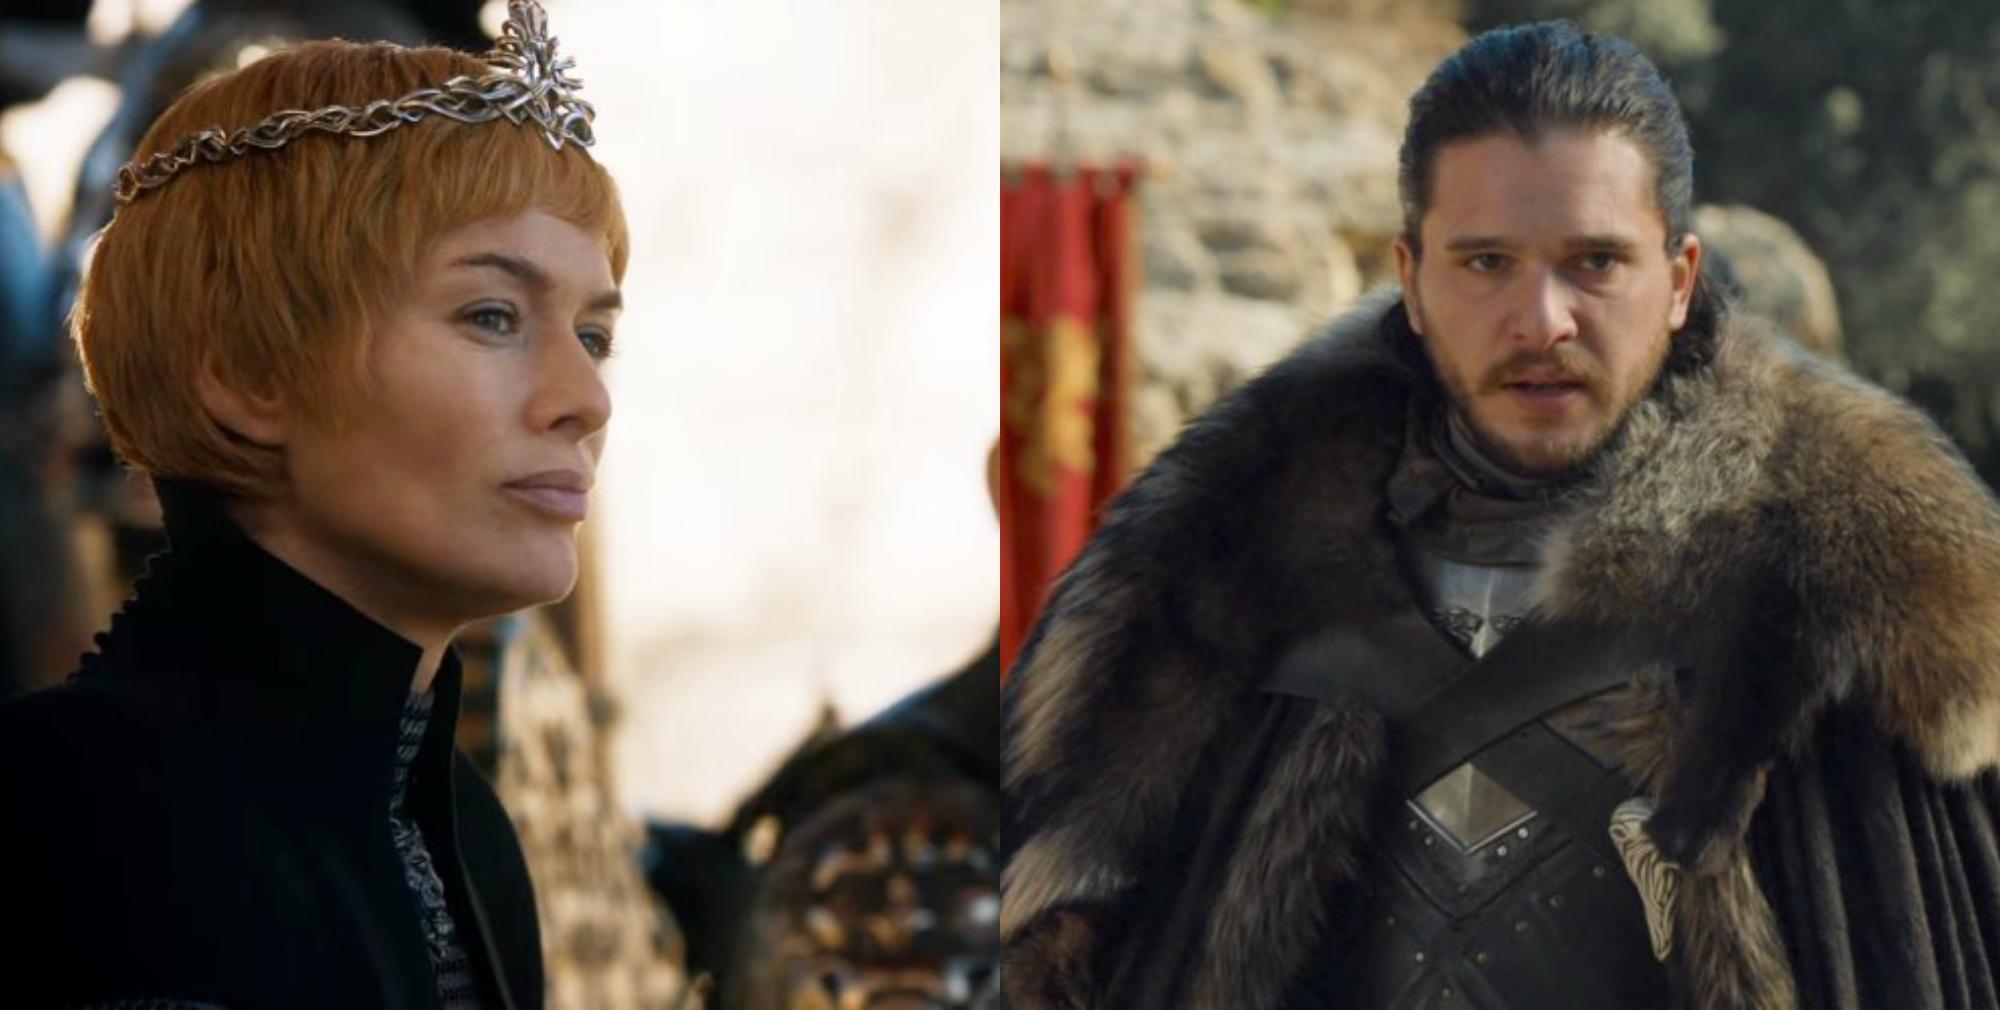 HBO-ն հրապարակել է «Գահերի խաղը» սերիալի 7-րդ եթերաշրջանի վերջին սերիայի թրեյլերը (տեսանյութ)